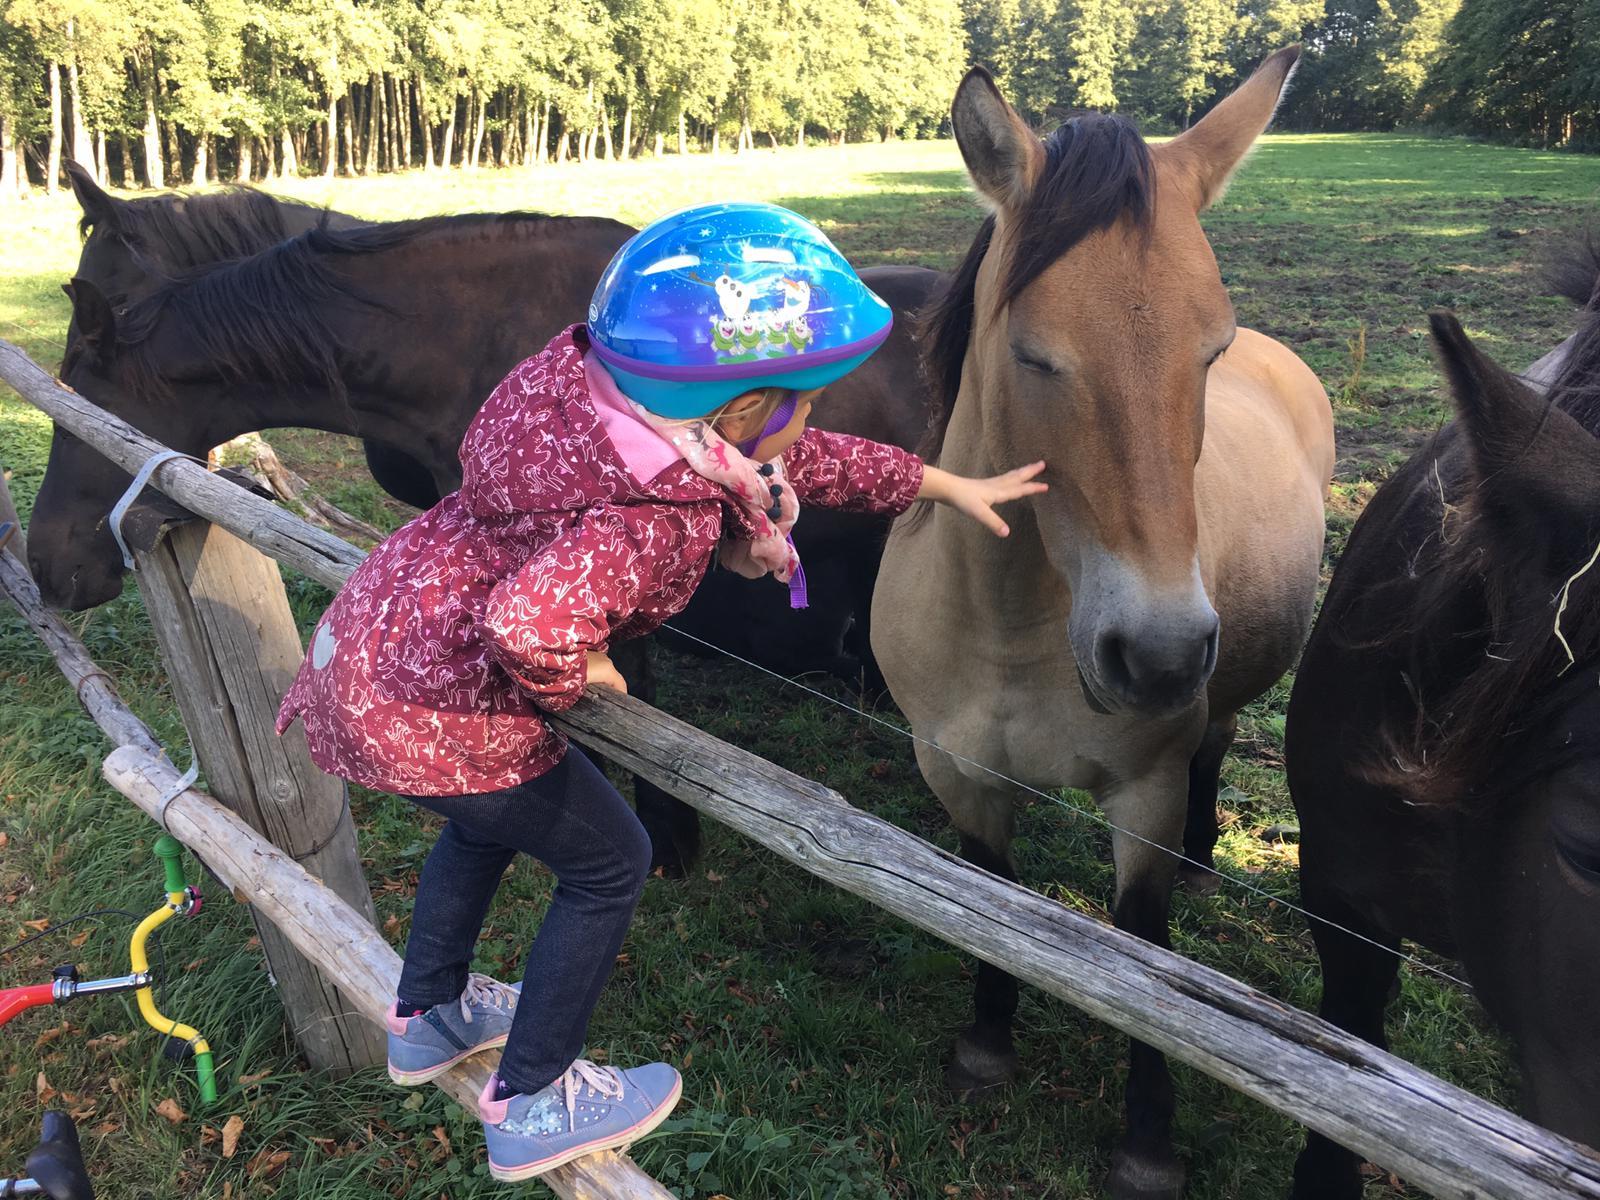 Spaziergang zu den Pferden/Kukuk